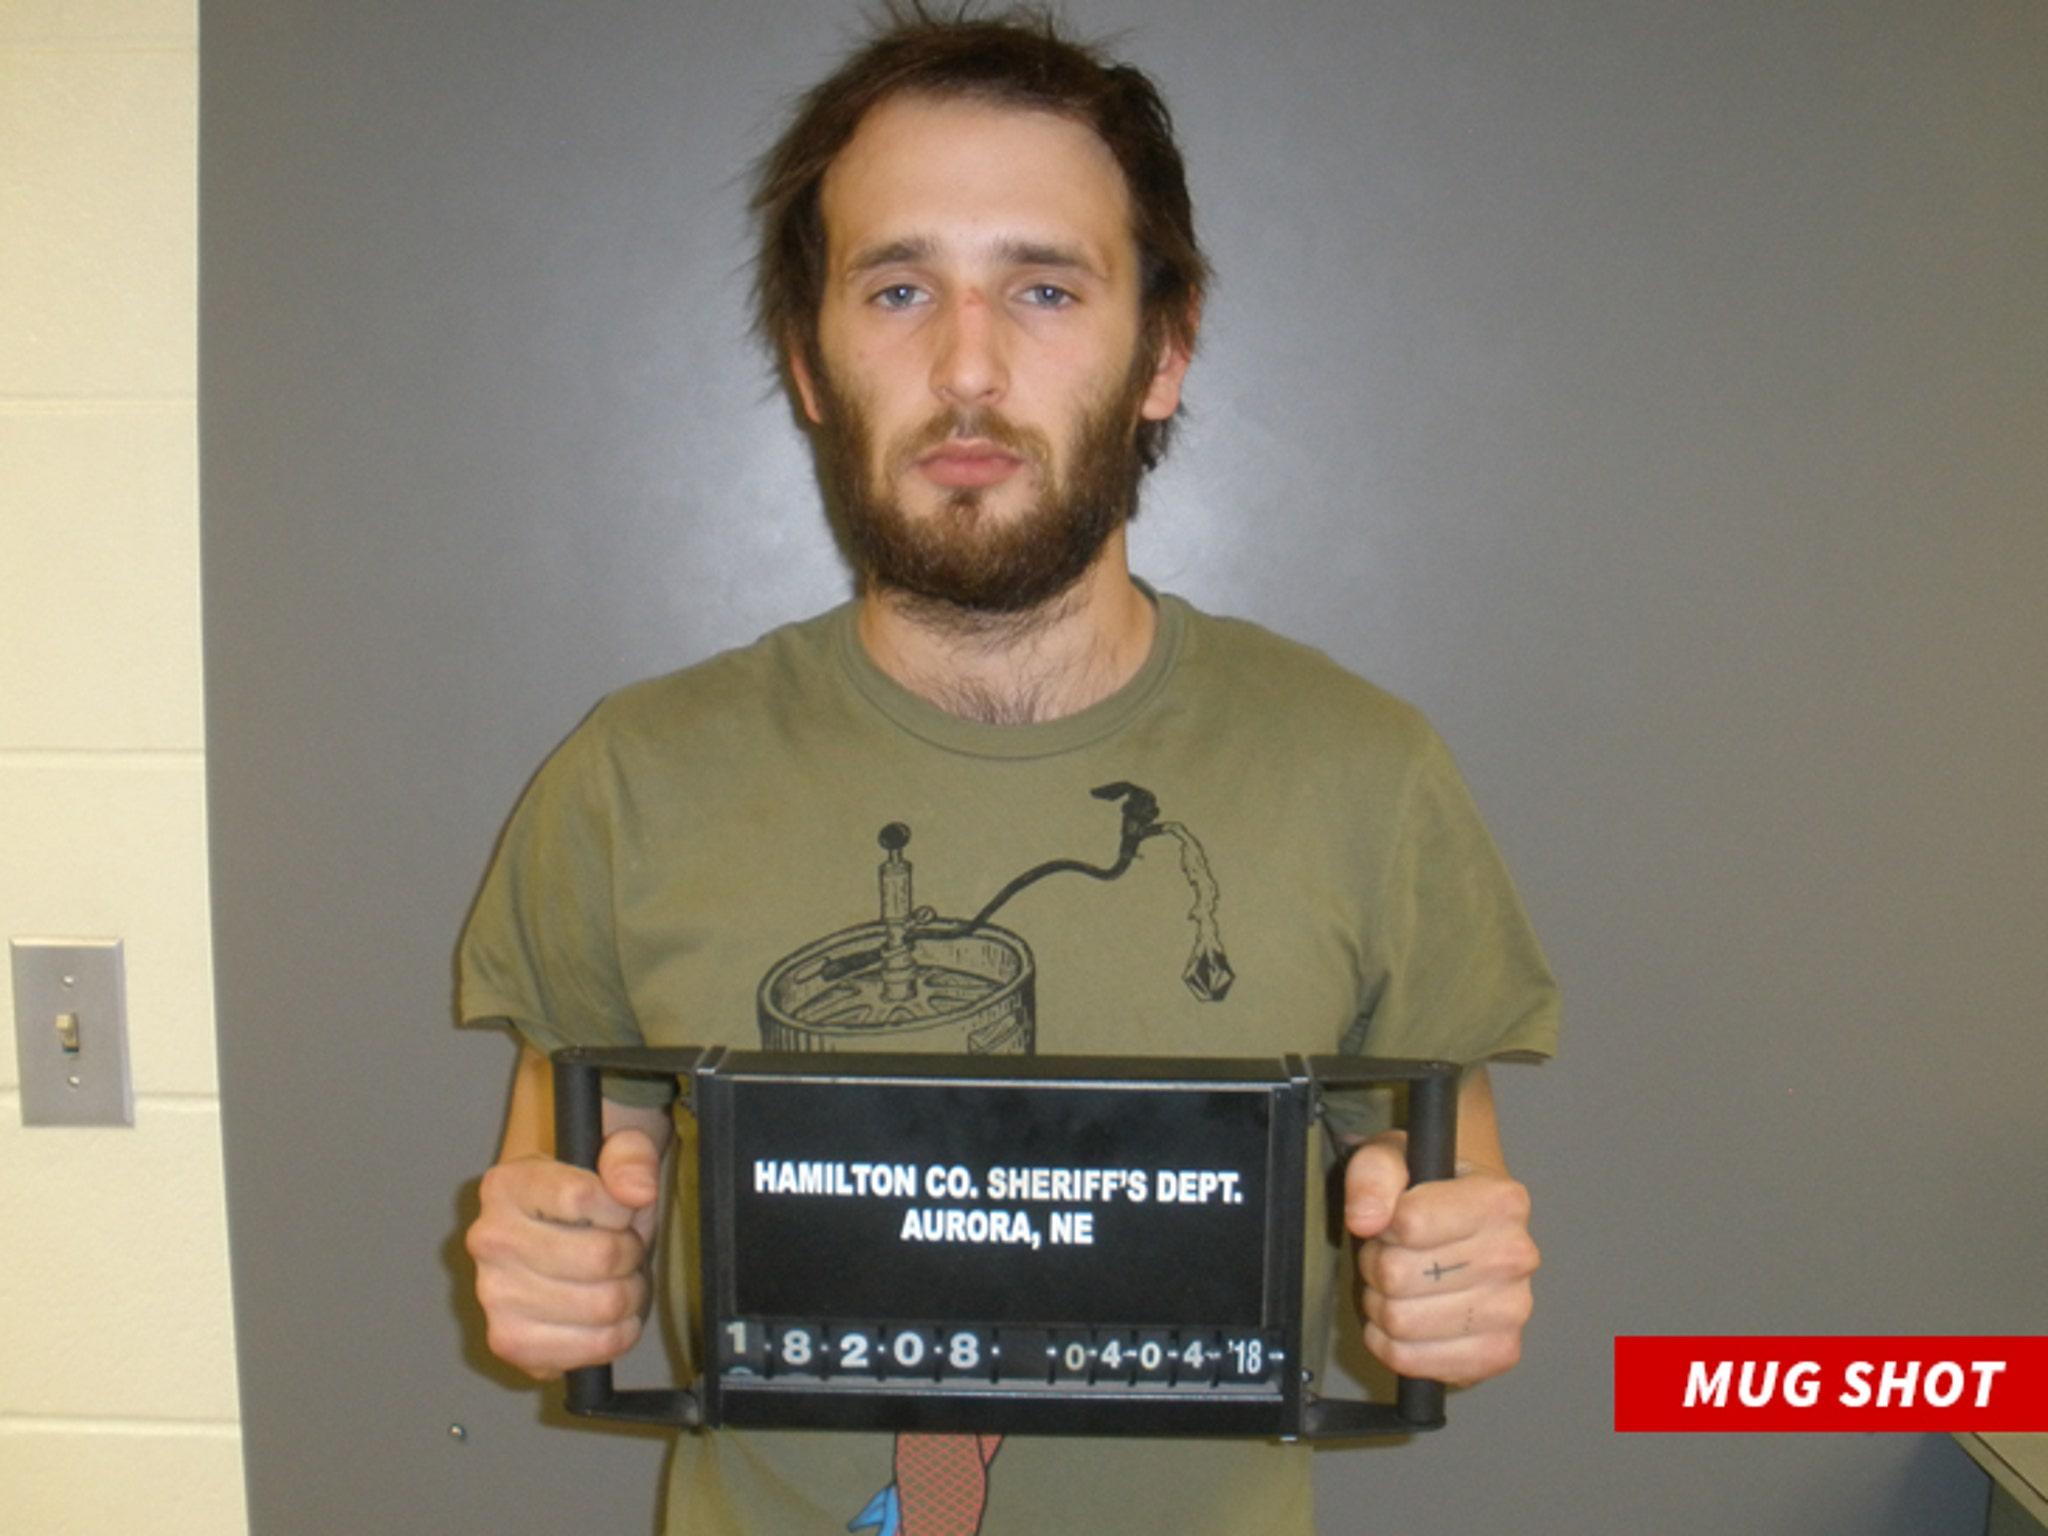 Sean Penn's Son, Hopper, Arrested for Drug Possession